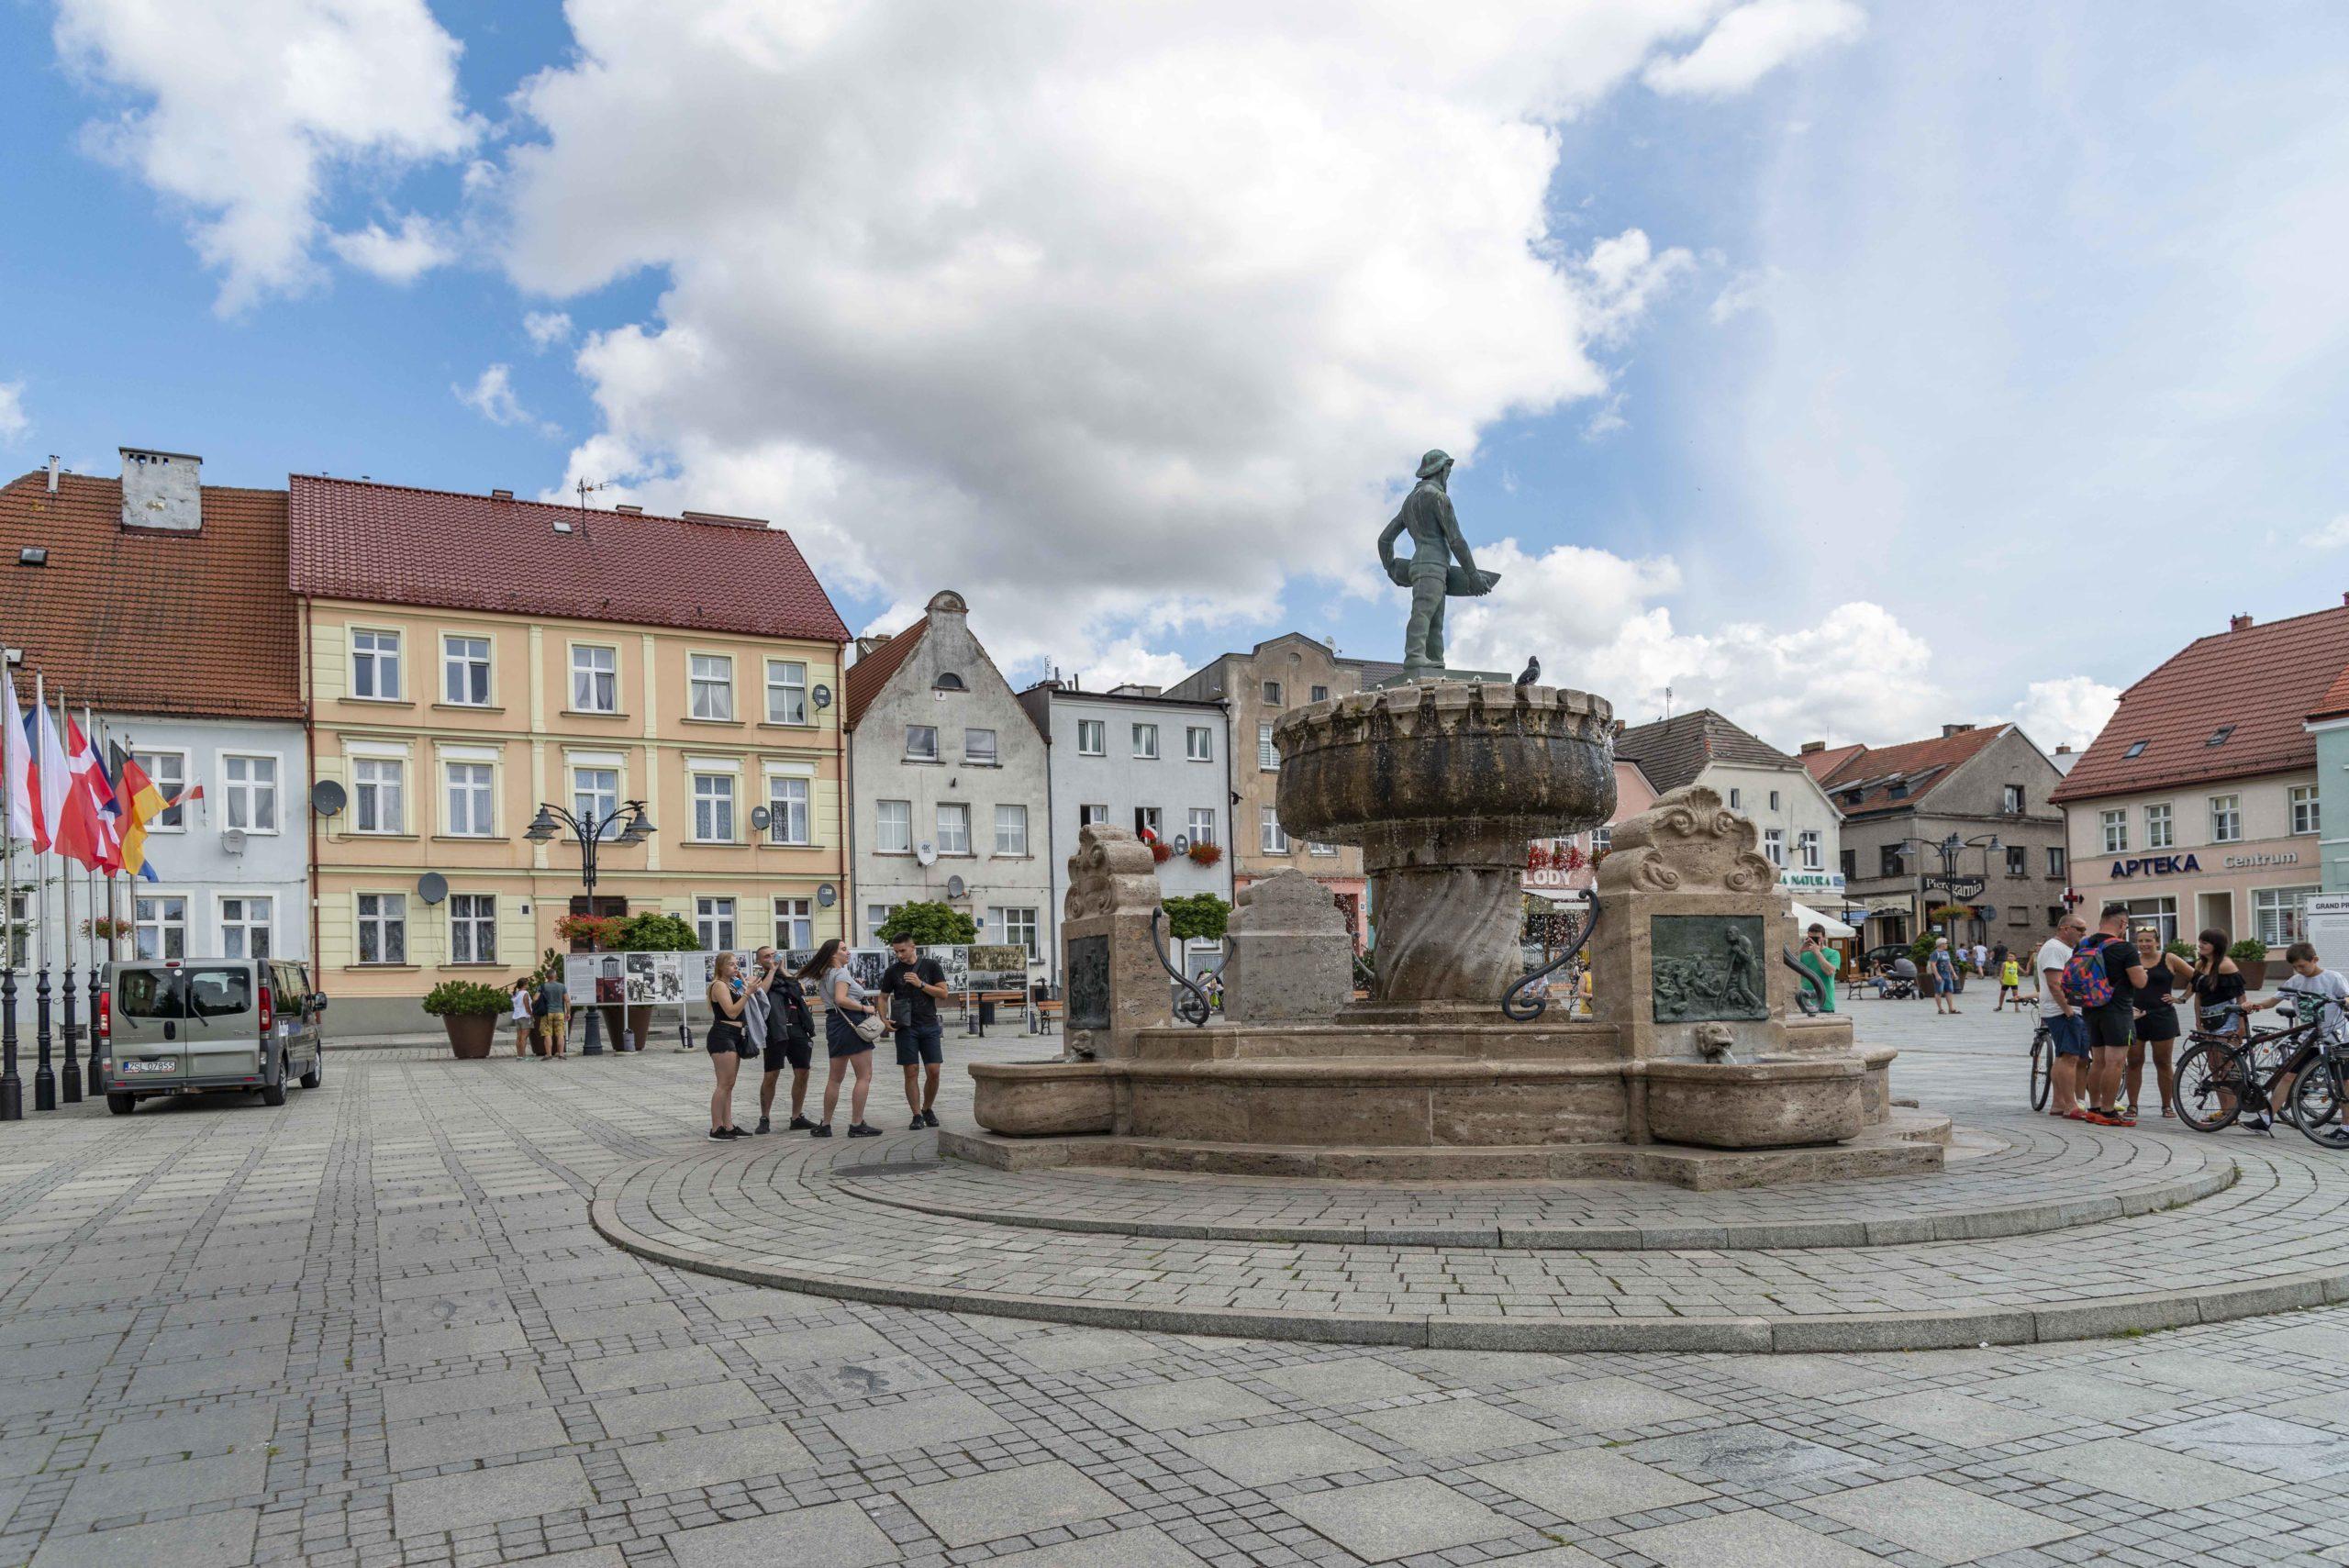 Marktplatz von Darlowo